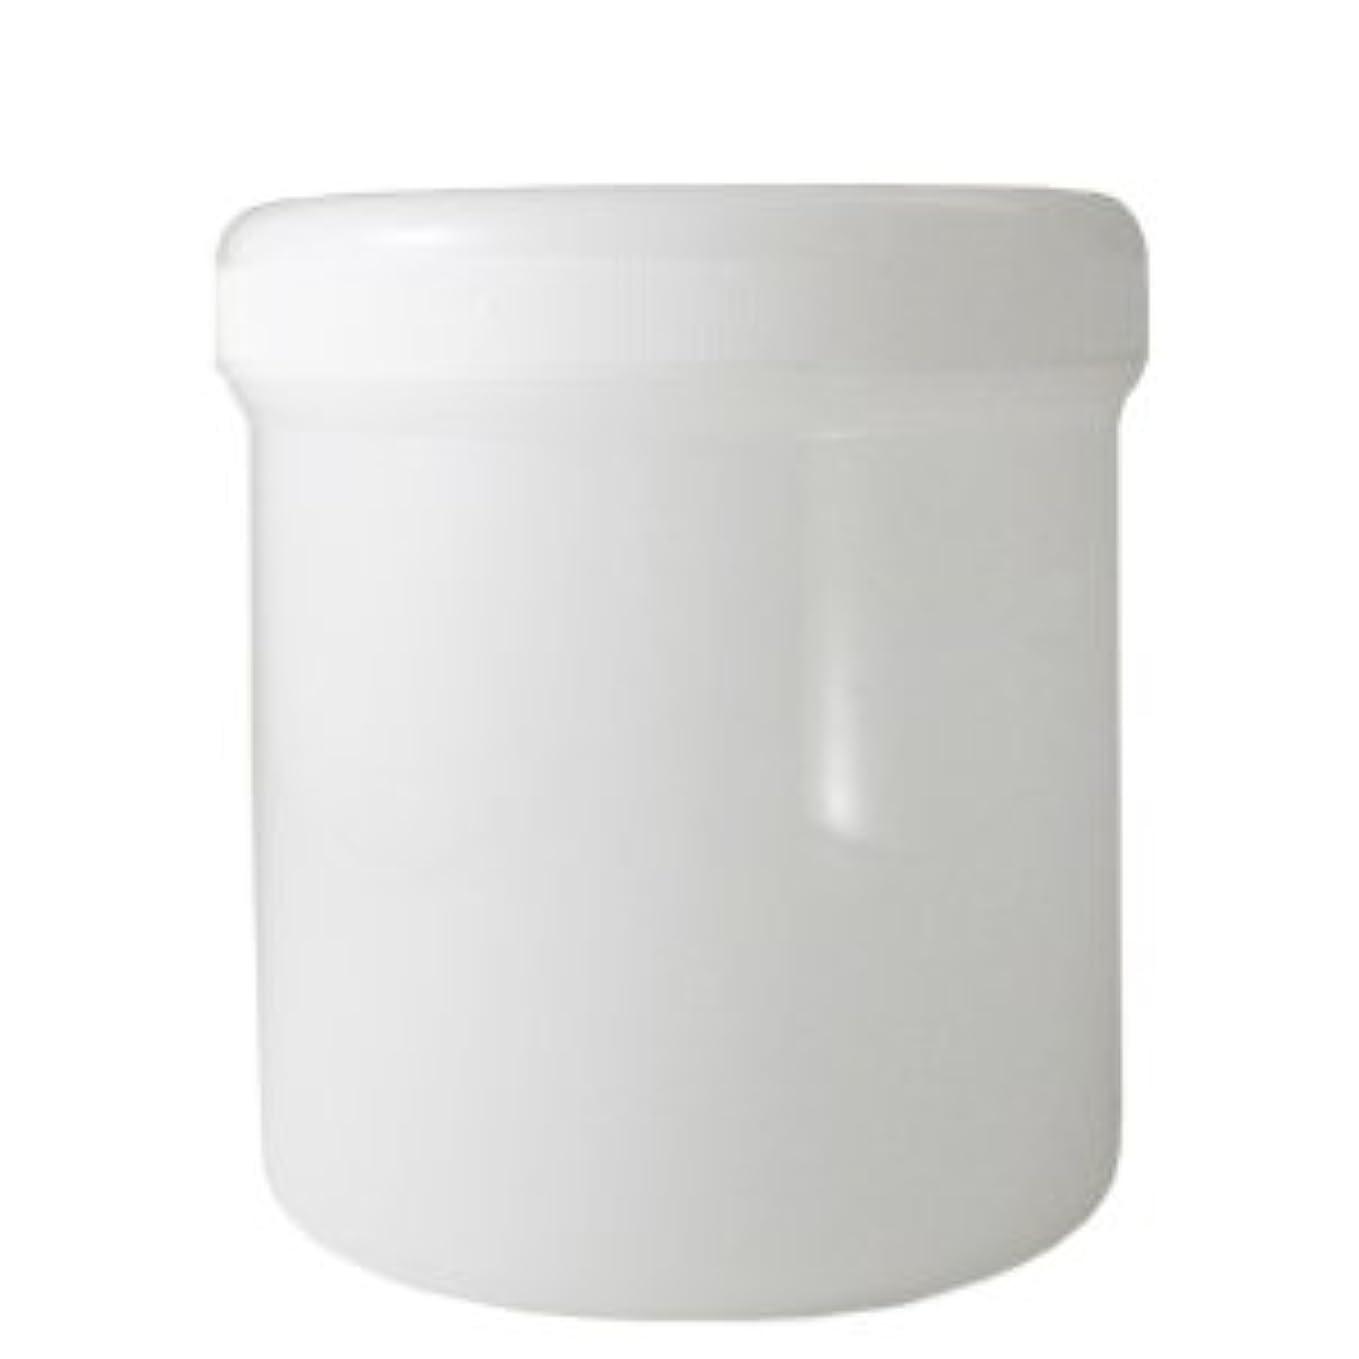 シャトルいつでも死ナンコー容器 クリームジャー化粧品容器 550ml